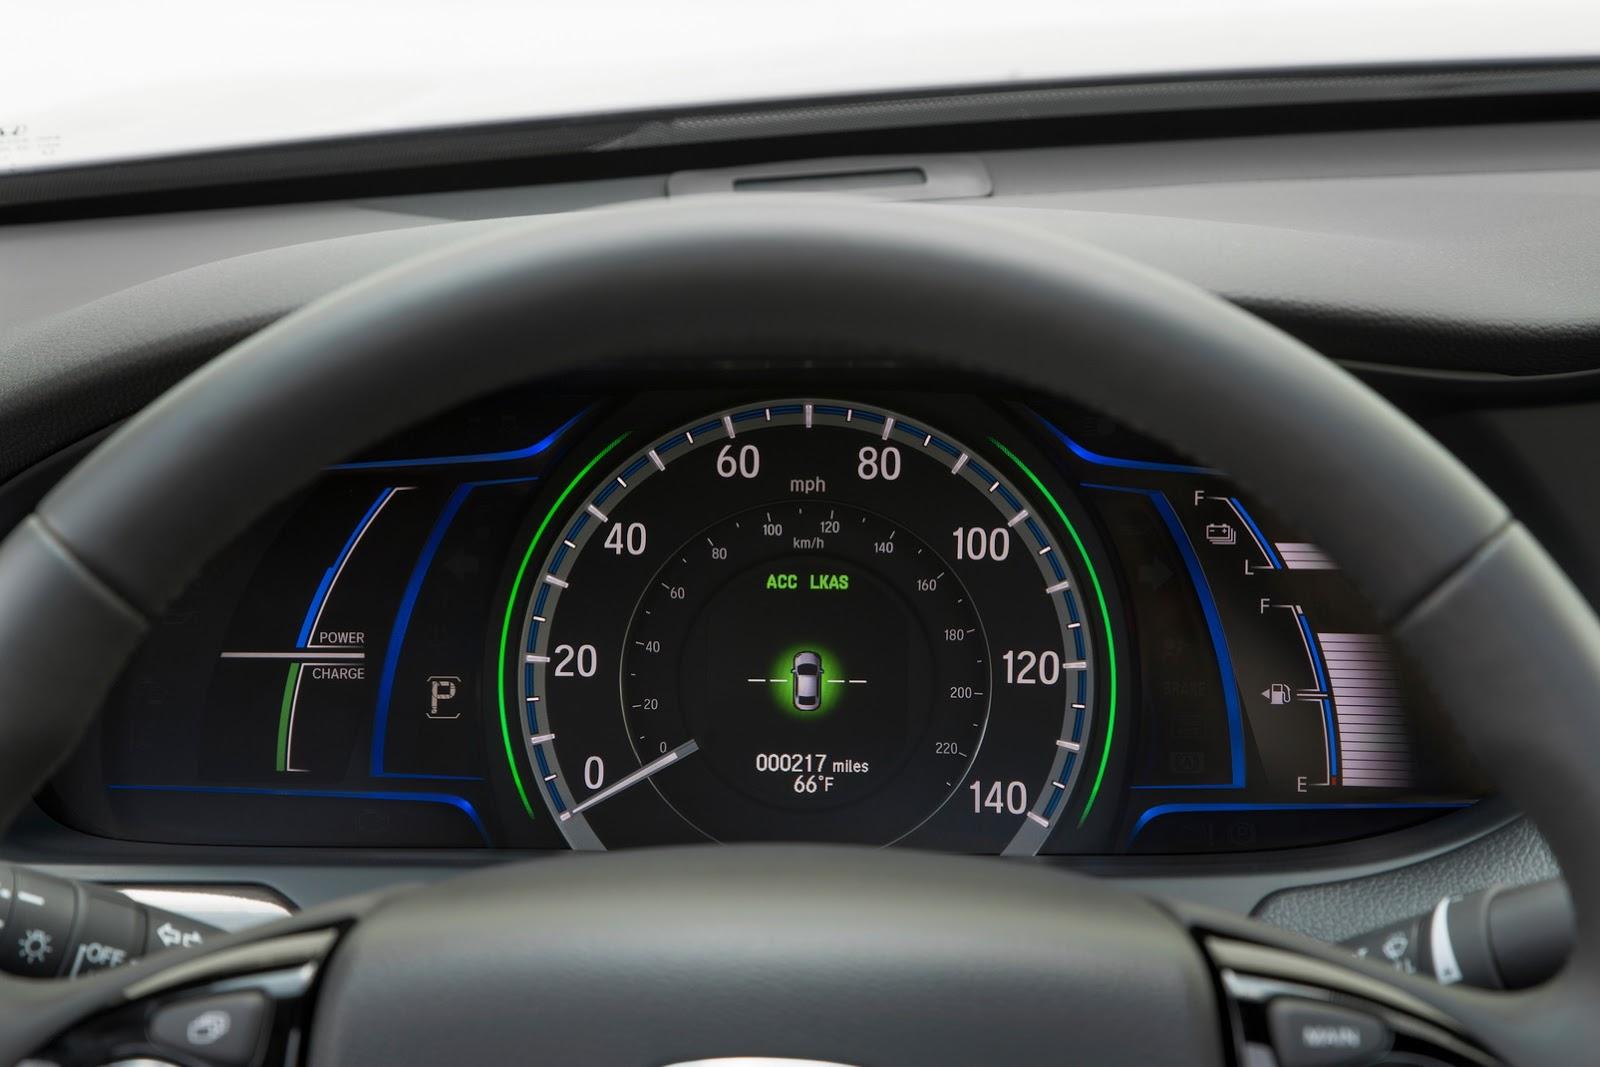 Camera chiếu hậu đa góc cũng là trang thiết bị tiêu chuẩn của Honda Accord Hybrid 2017. Trong khi đó, bản Touring có thêm đèn pha với khả năng chiếu sáng ban đêm tốt hơn.